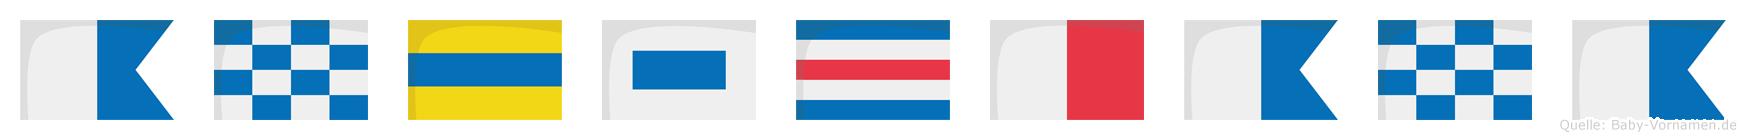 Andschana im Flaggenalphabet